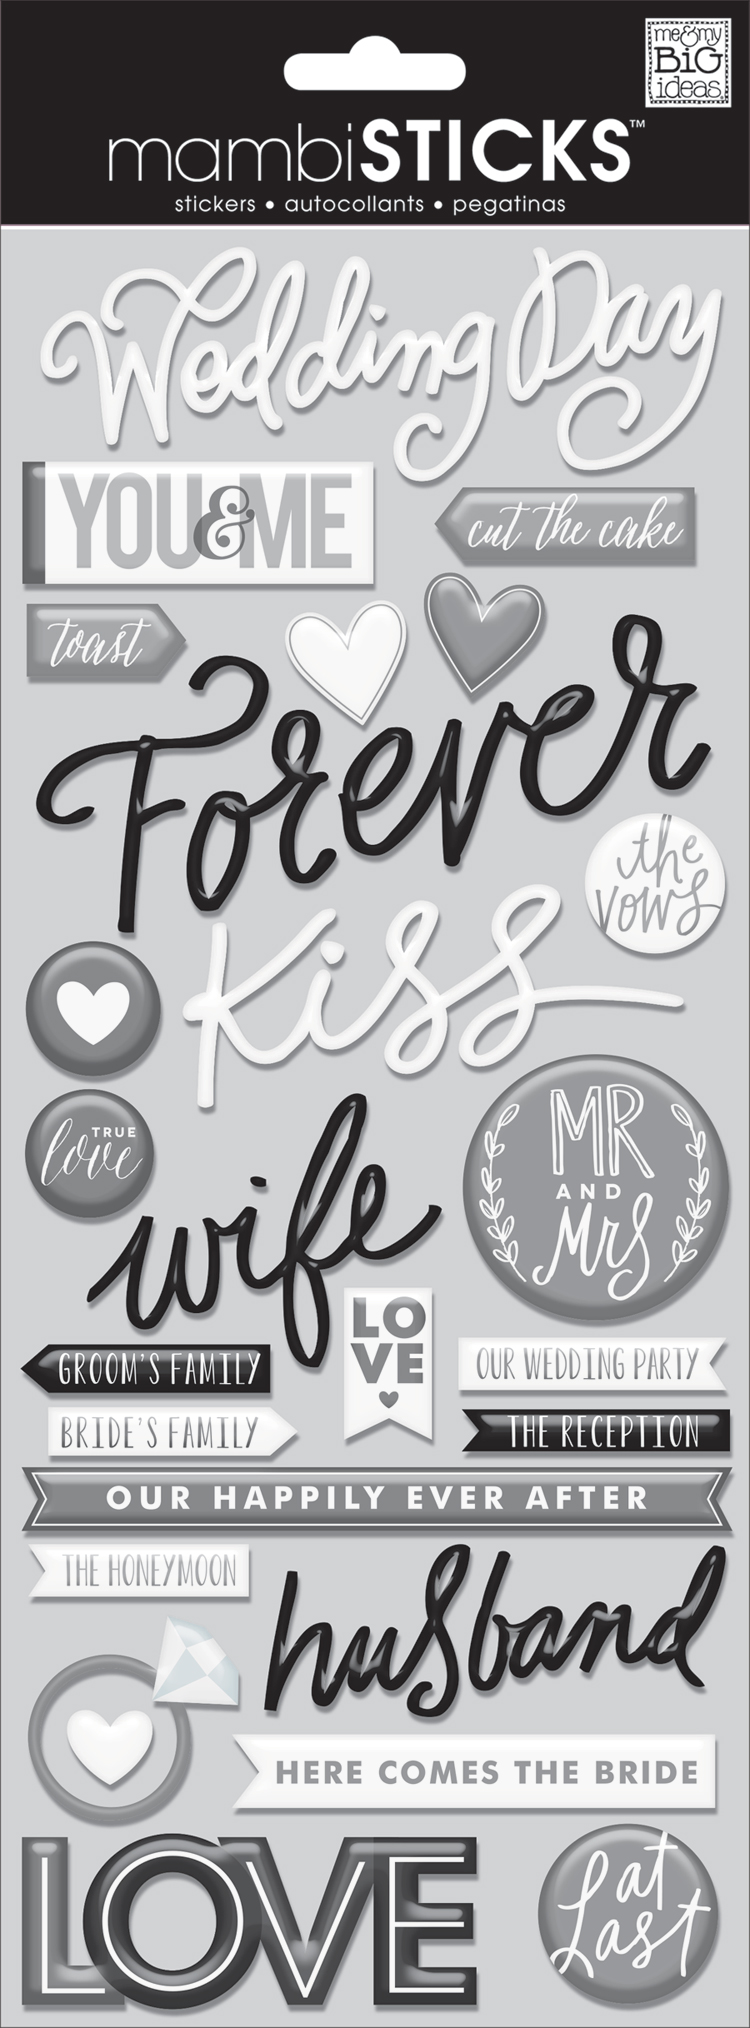 Wedding Day mambiSTICKS epoxy stickers | me & my BIG ideas.jpg